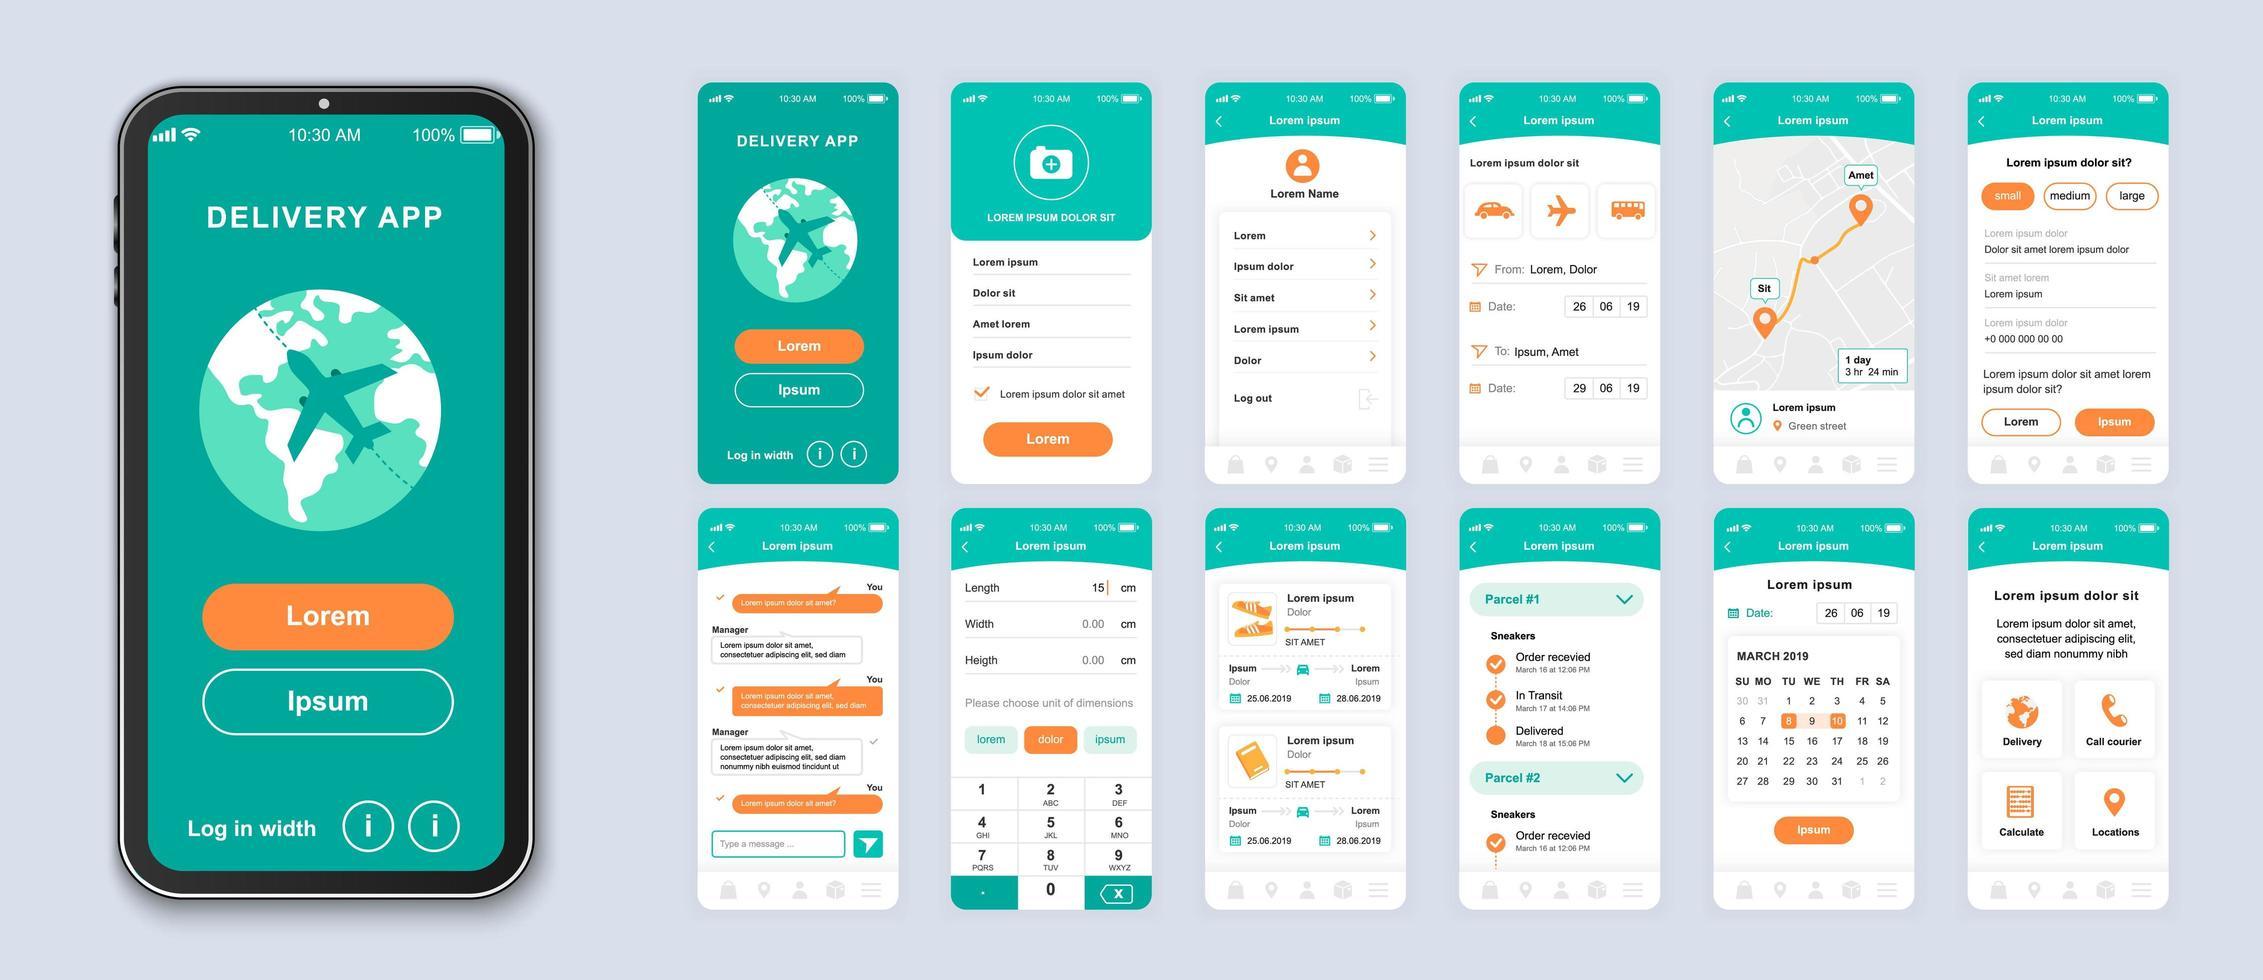 interfaccia dello smartphone dell'interfaccia utente di consegna verde e arancione vettore